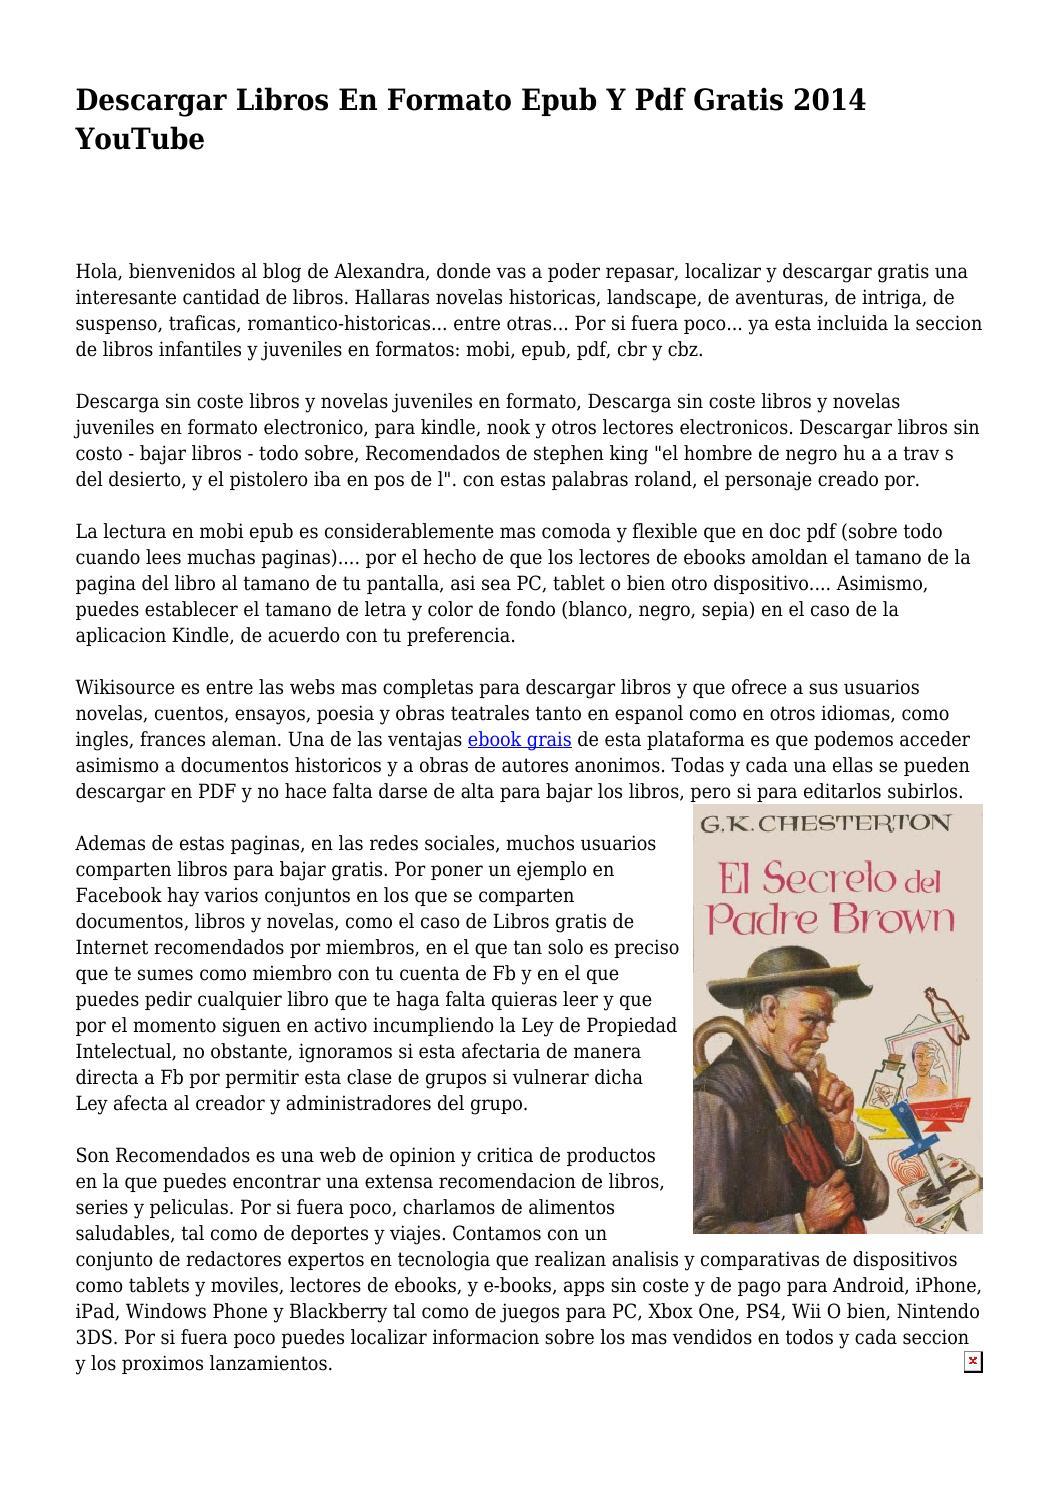 Descargar Libros En Formato Epub Y Pdf Gratis 2014 Youtube By Moaningcan6499 Issuu